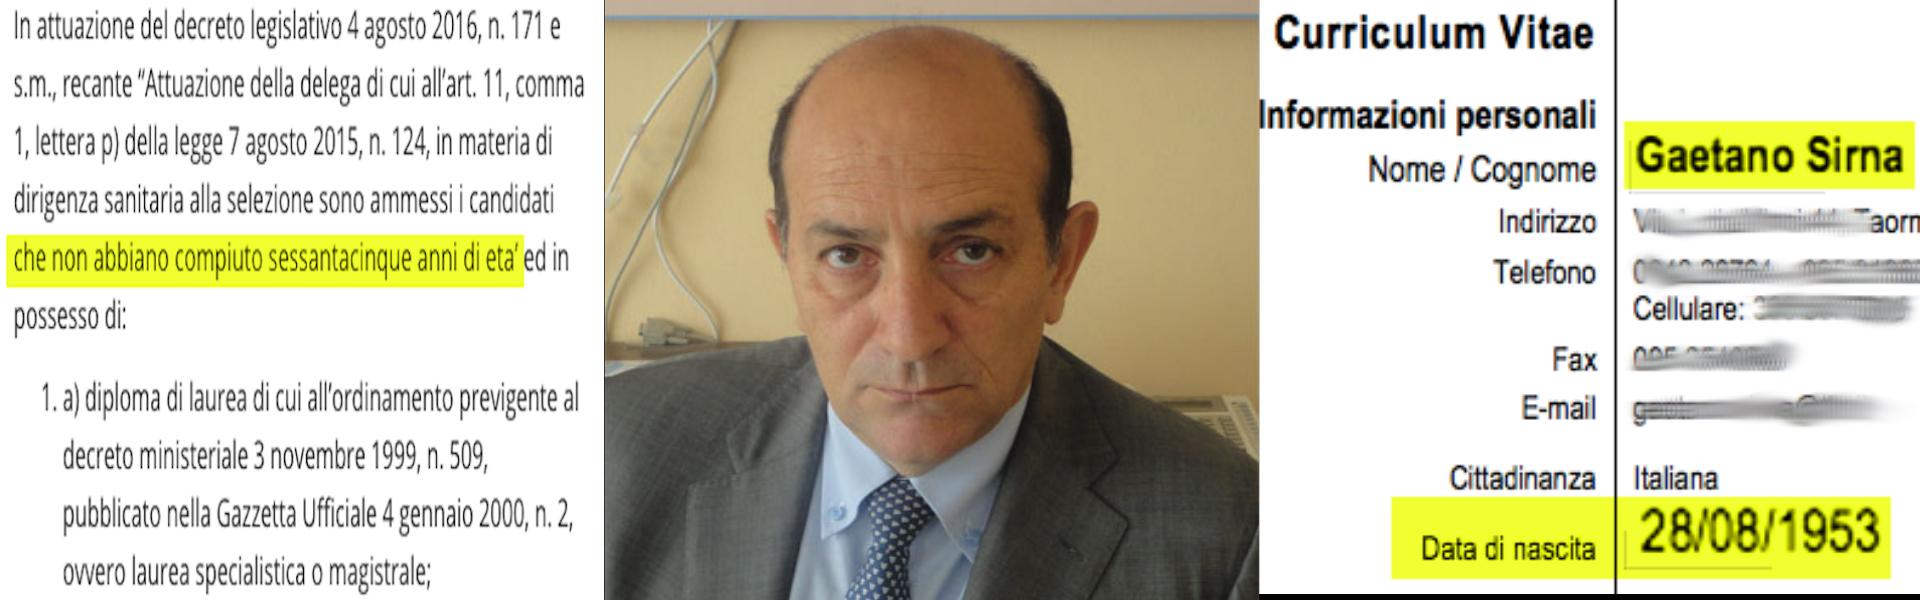 Policlinico Catania: spendono 73 mila euro per sapere... cosa pensano gli utenti...